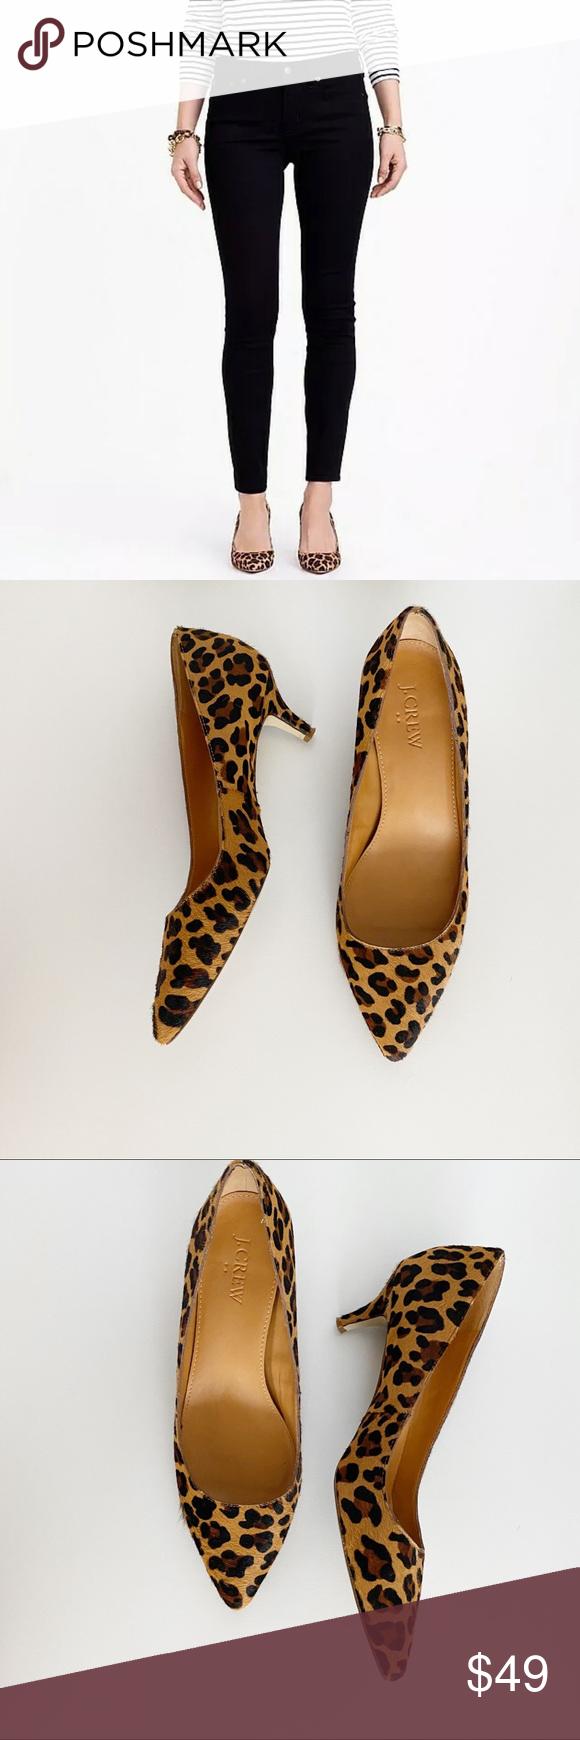 J Crew Esme Leopard Print Kitten Heels Shoes 6 5 In 2020 Kitten Heel Shoes Shoes Women Heels Kitten Heels